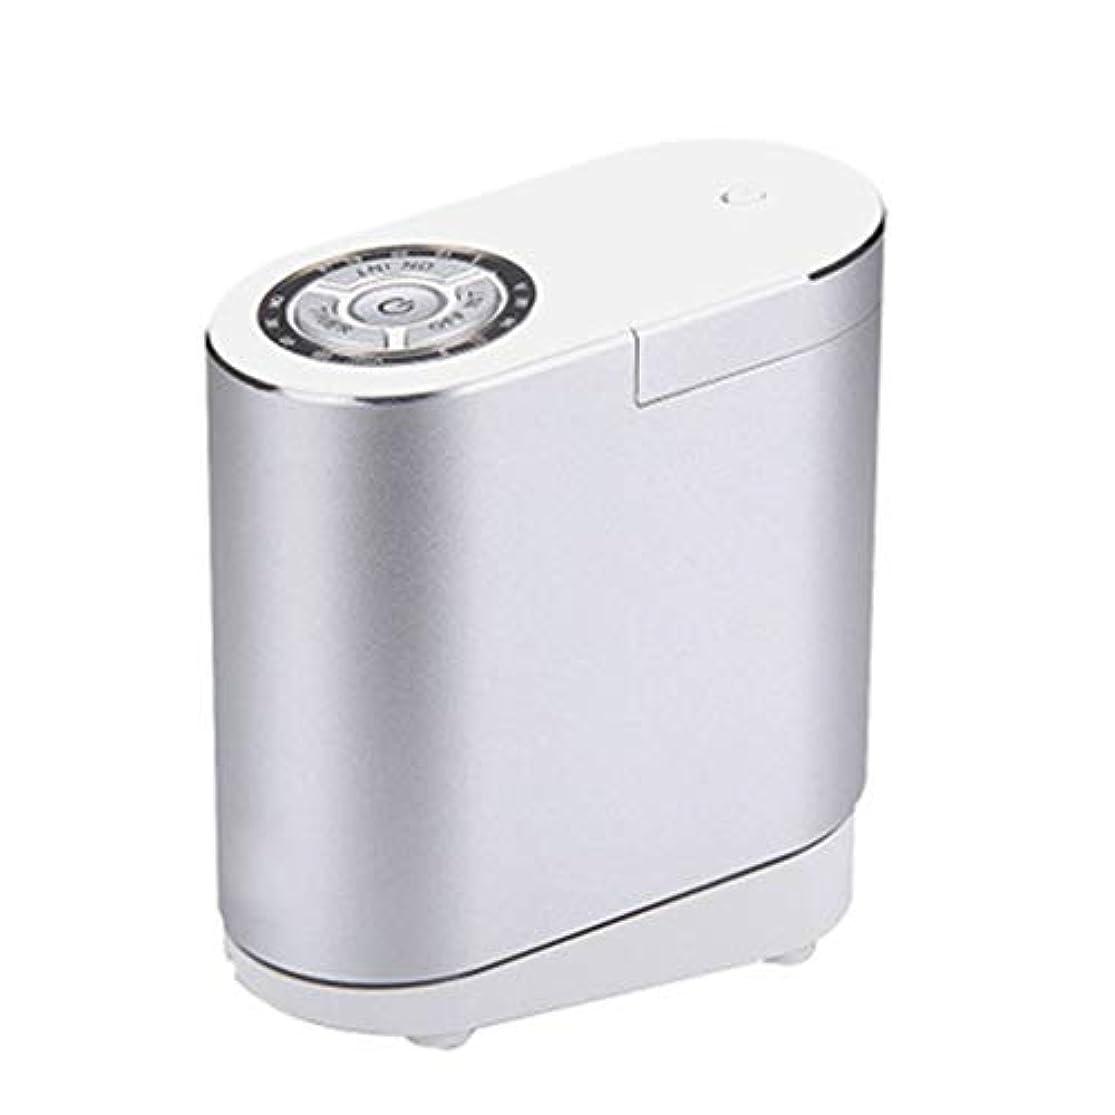 先入観天国バタフライクールミスト空気加湿器、30ミリリットルディフューザーエアコン、4Sショップのリビングルームの研究寝室のオフィスに適して (Color : Silver)